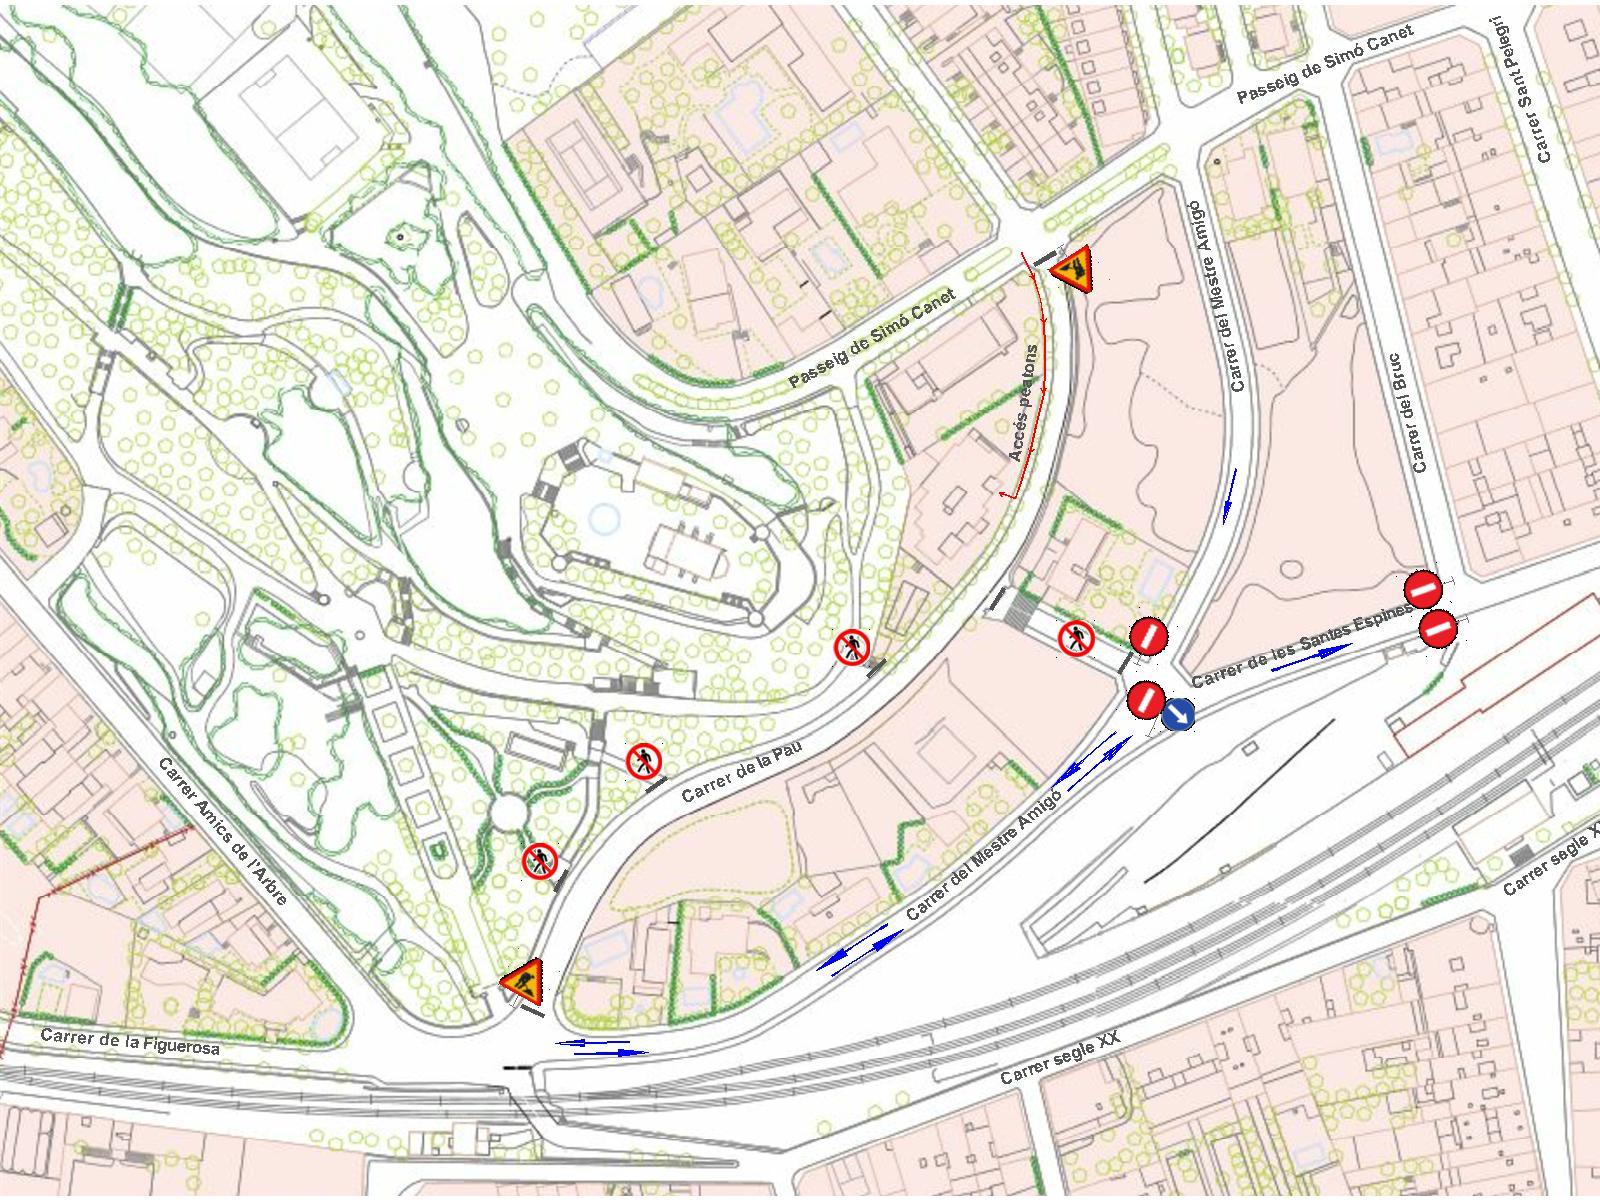 L'Ajuntament de Tàrrega inicia les obres de renovació del carrer de La Pau, les quals es desenvoluparan fins a mitjans de juny